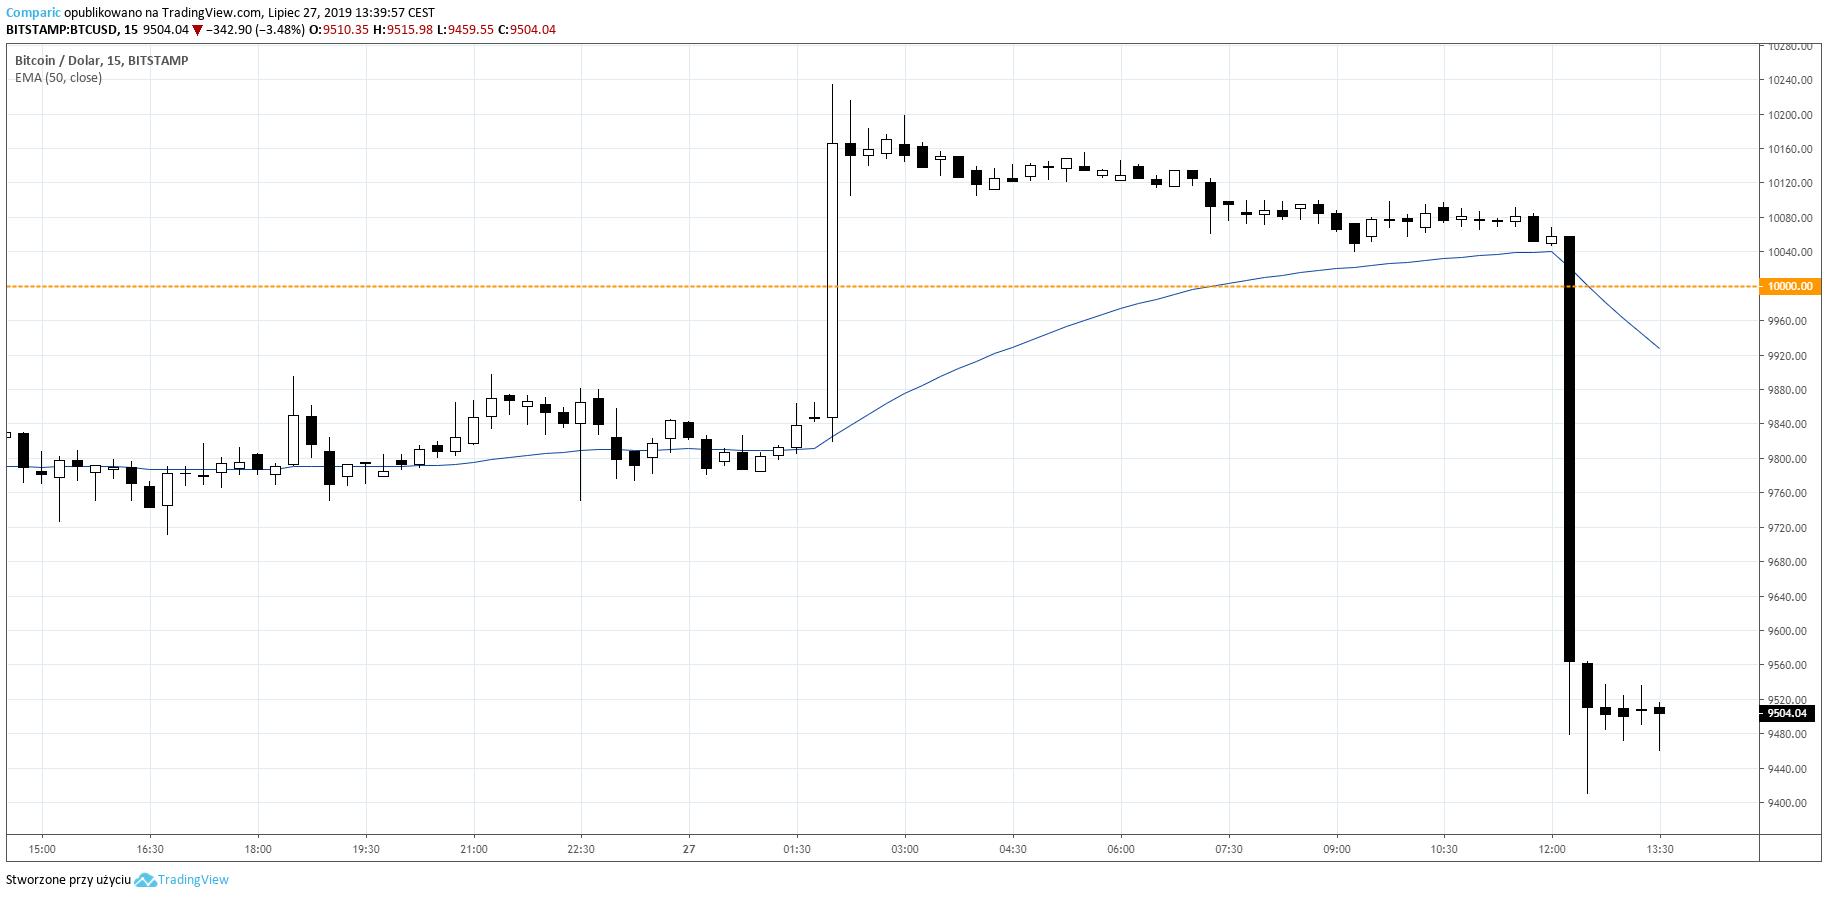 Bitcoin w nocy silniej zyskiwał, aby w sobotnie południe jeszcze silniej spaść i wrócić pod 10 tys. USD. BTC/USD M15